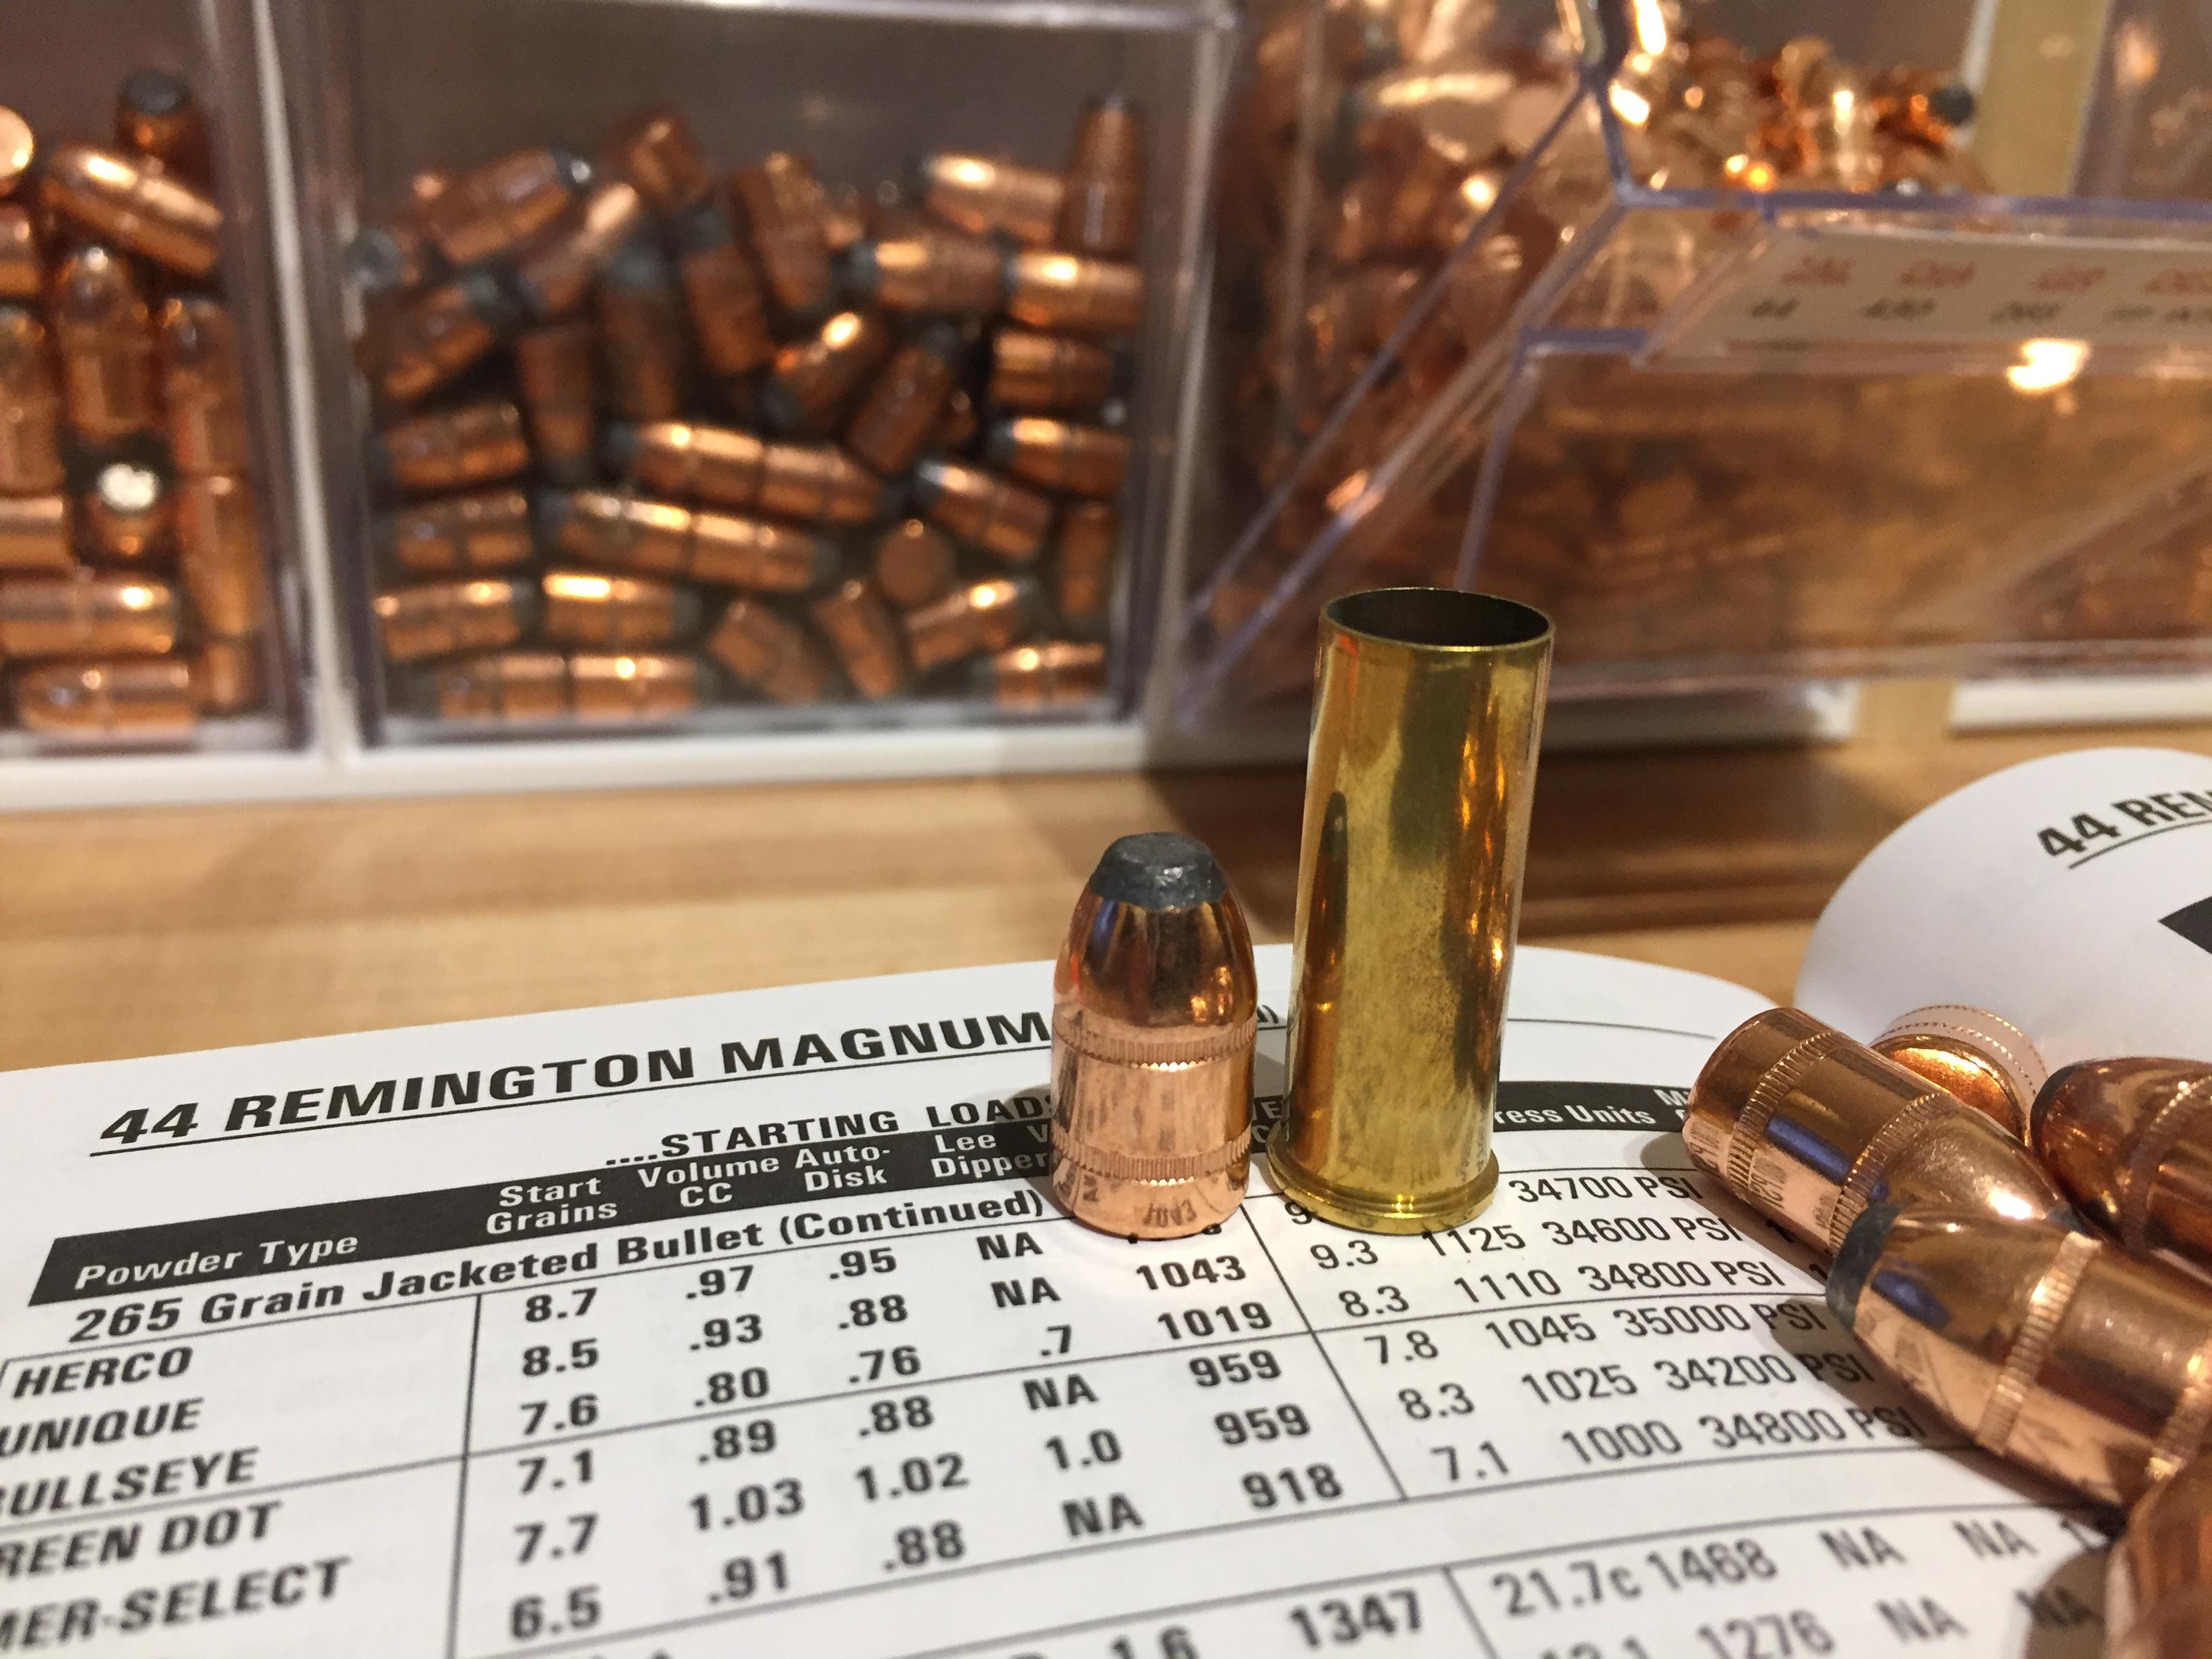 The 44 Magnum Cartridge